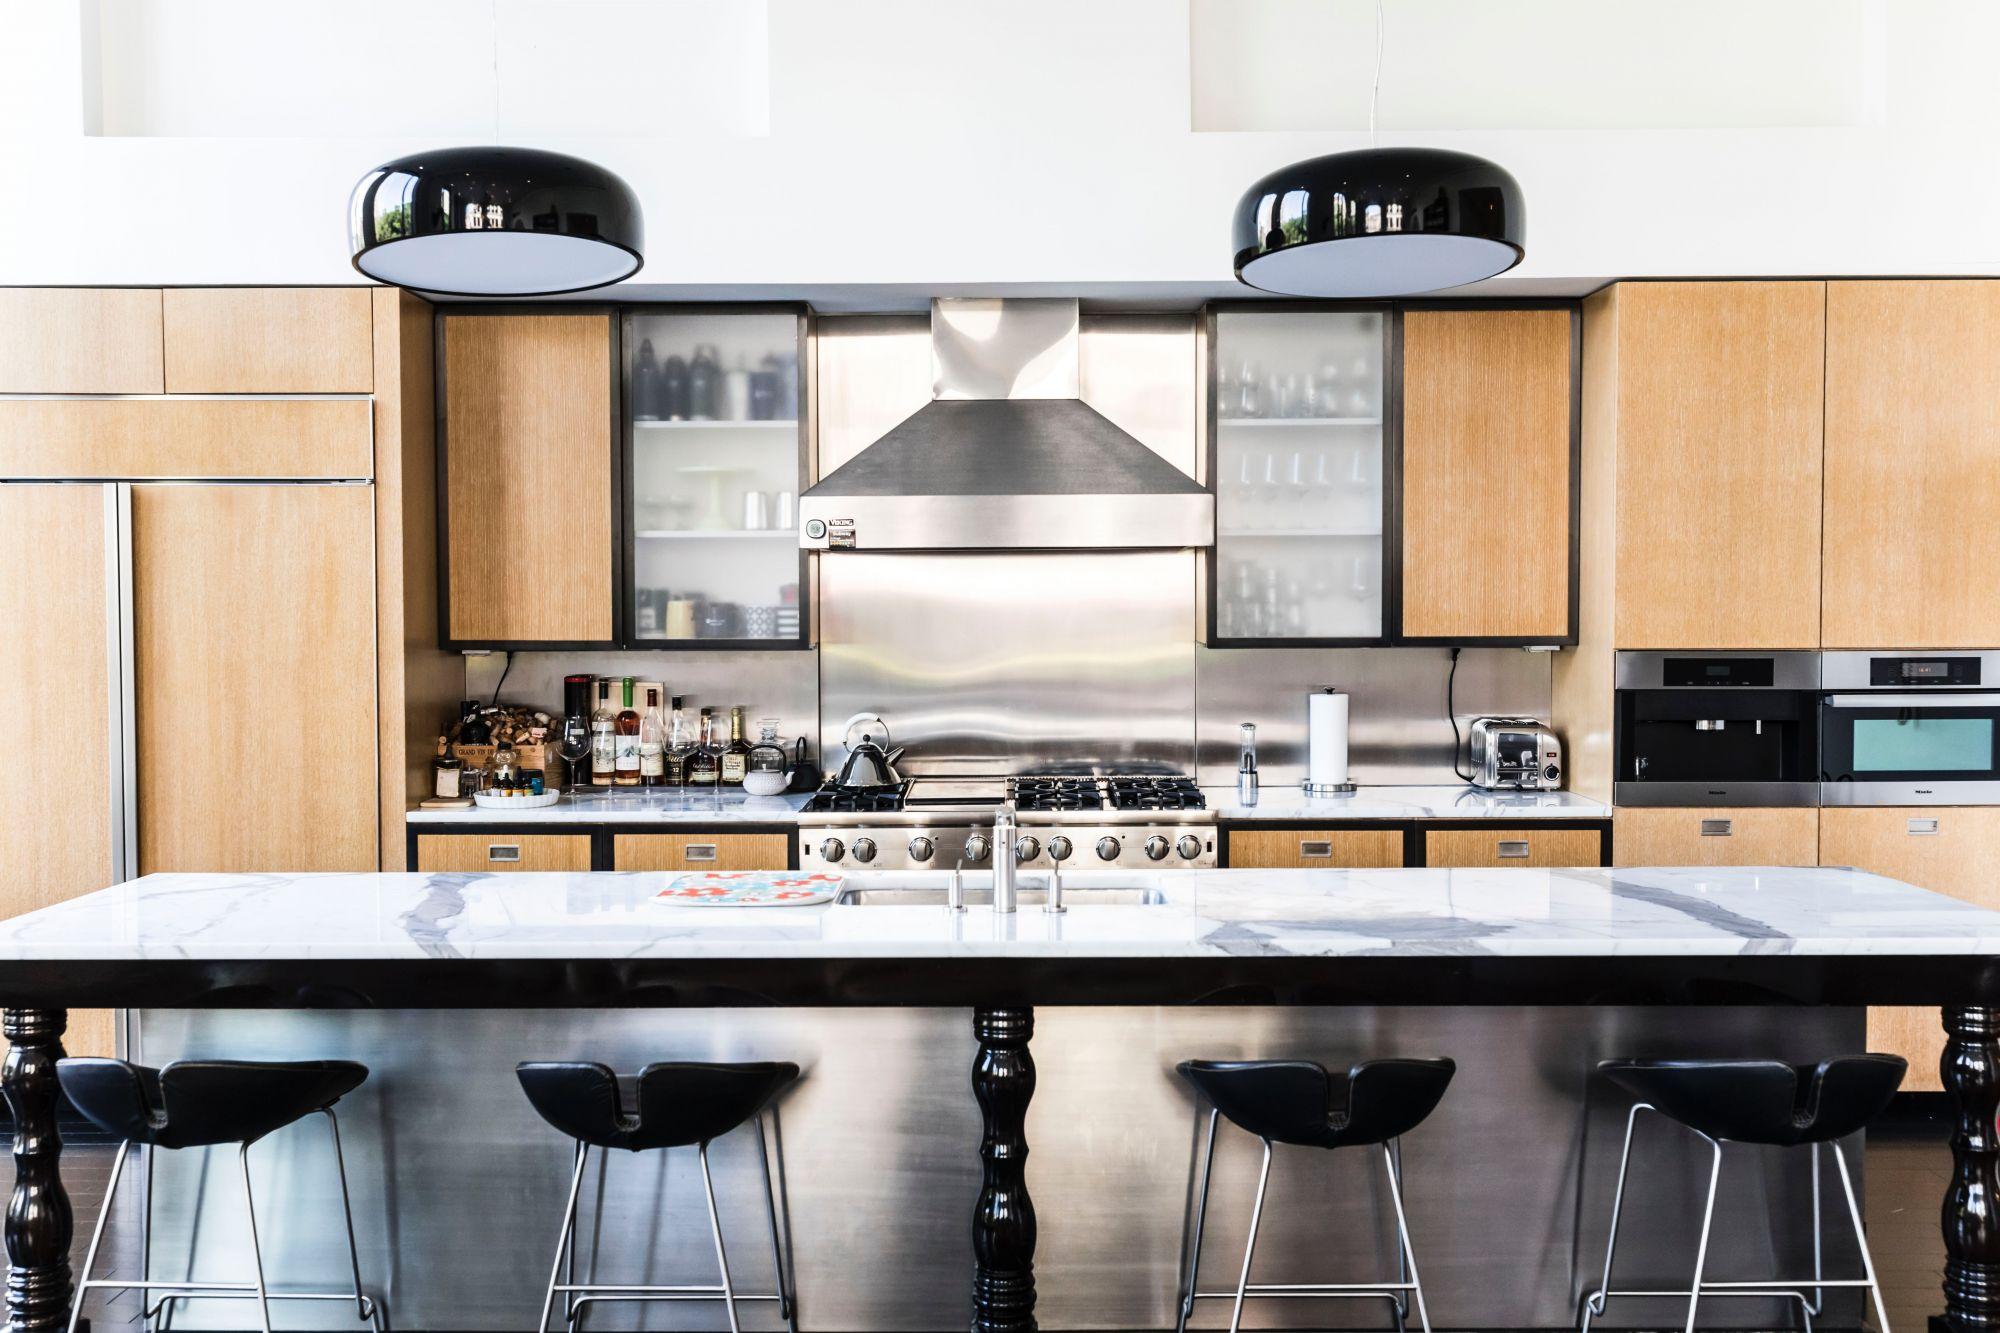 cucina con lampadario vintage